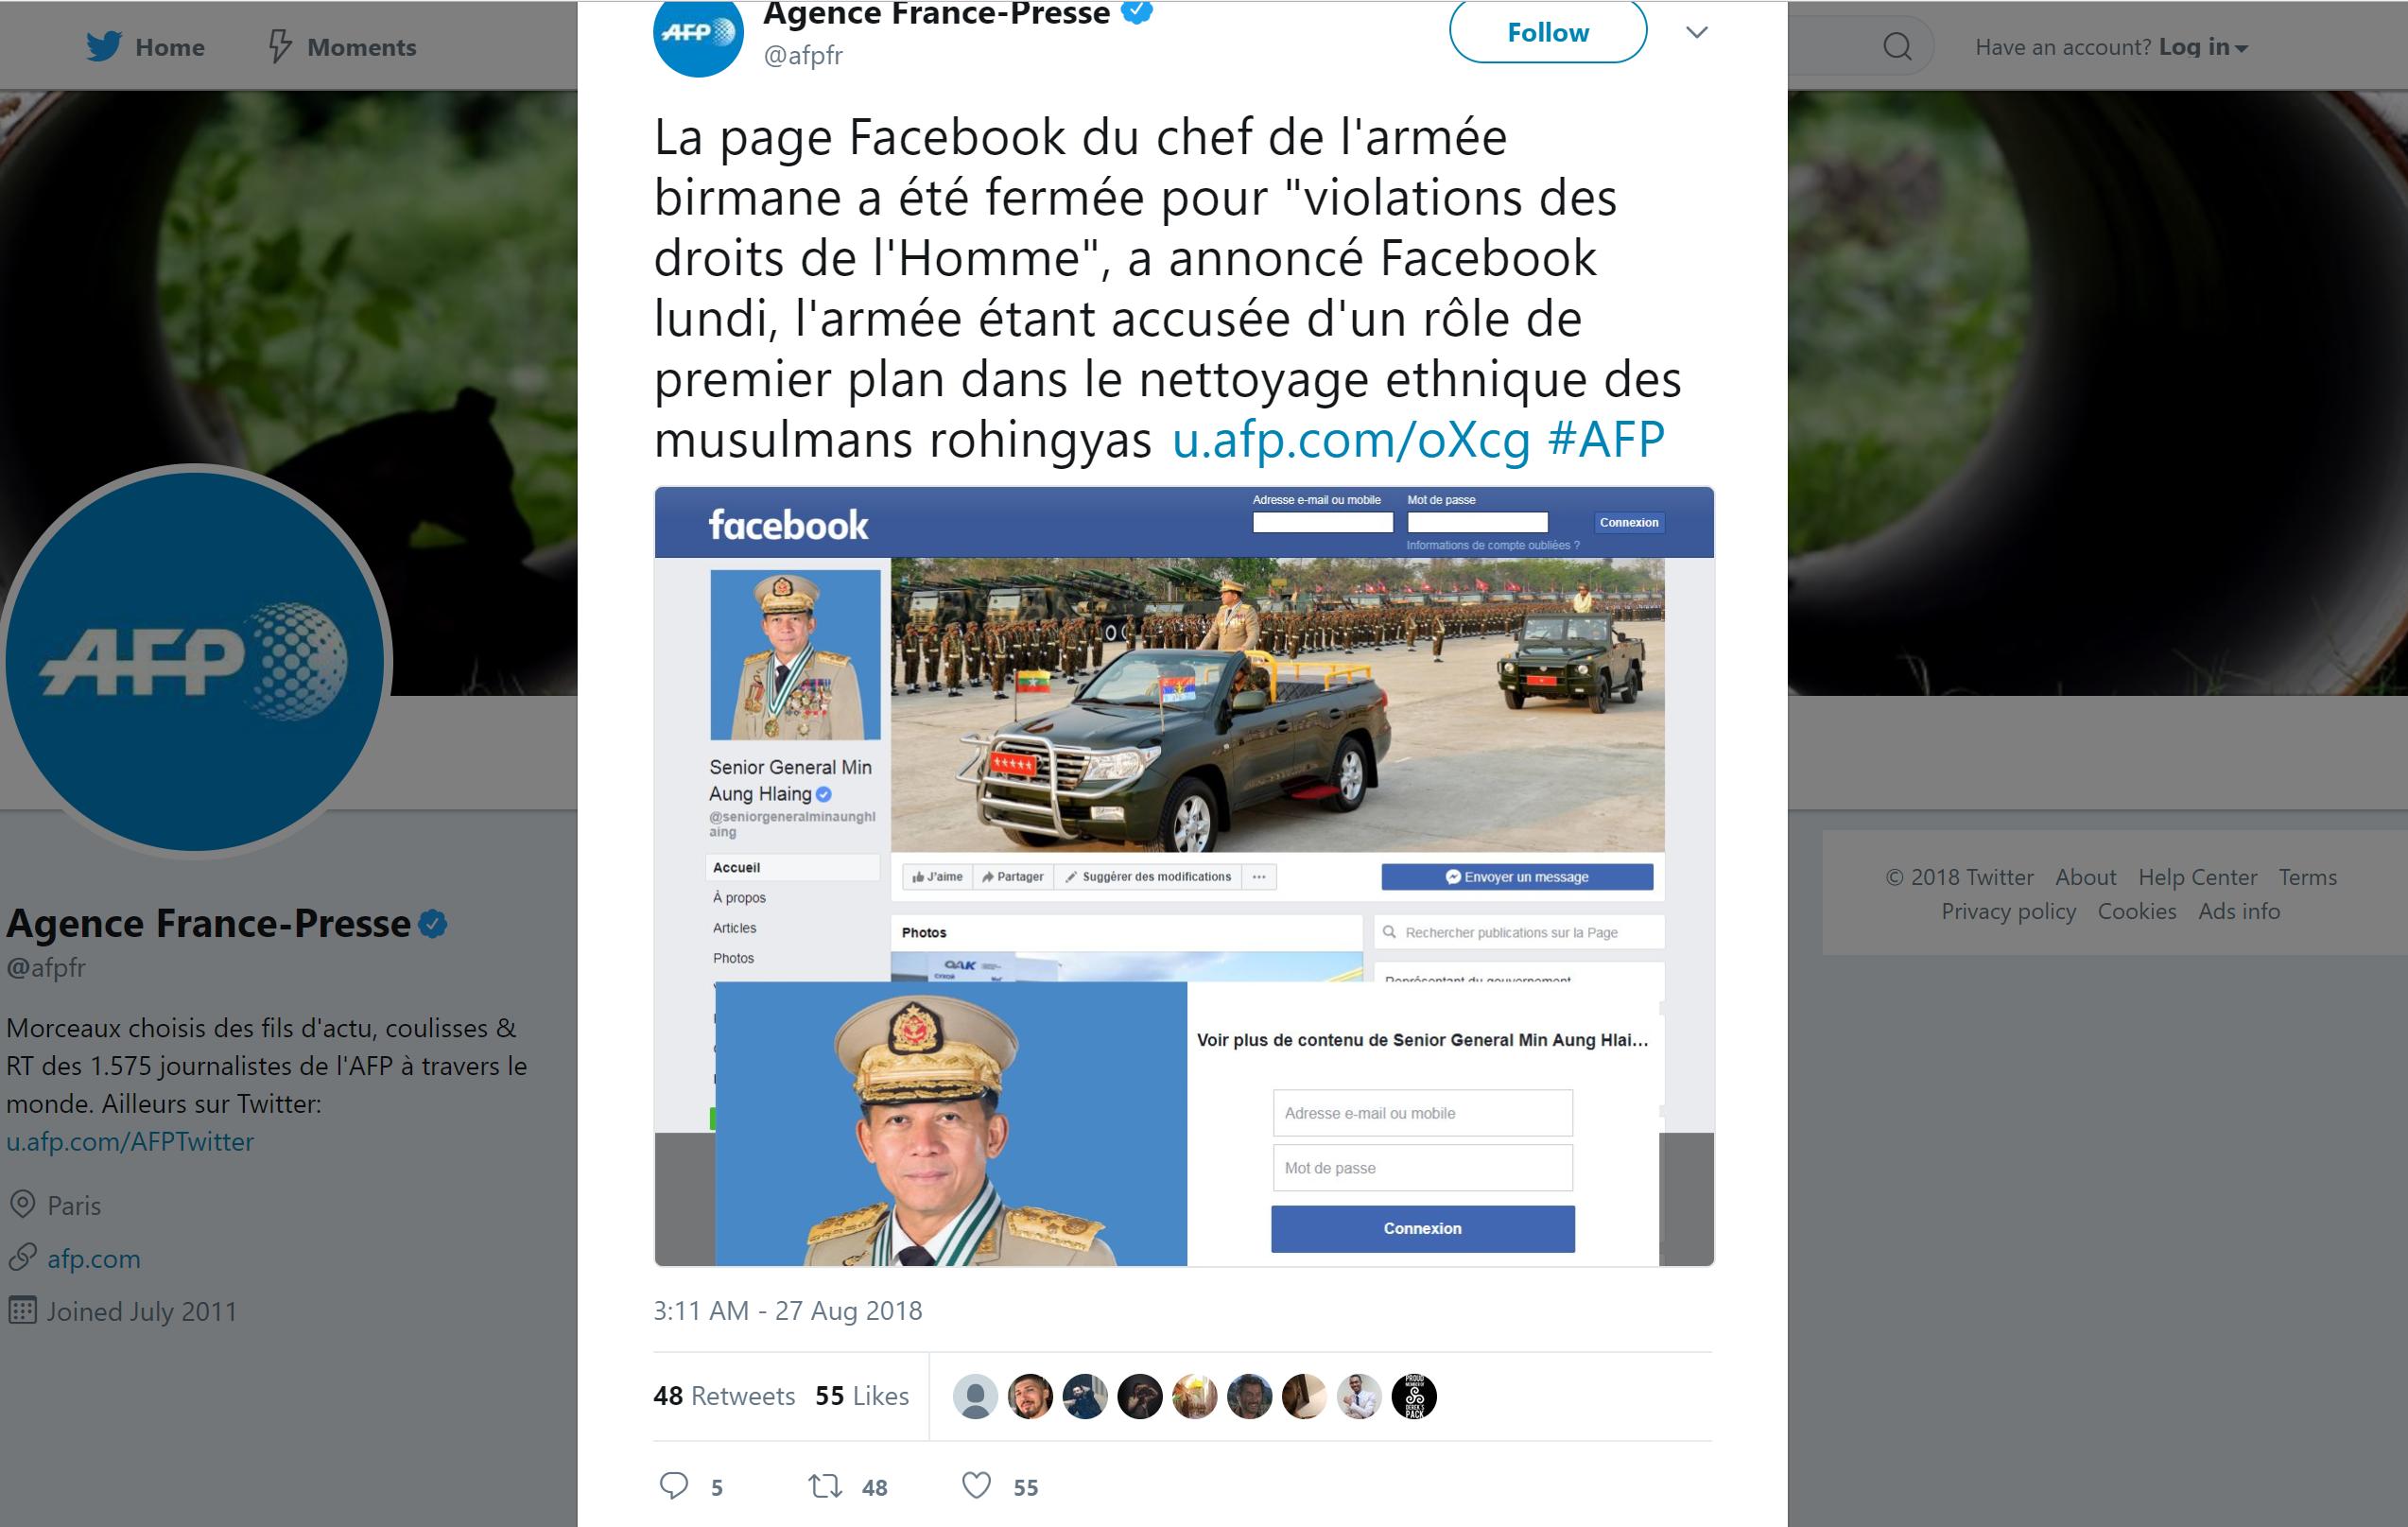 La page Facebook d'un chef militaire birman fermée